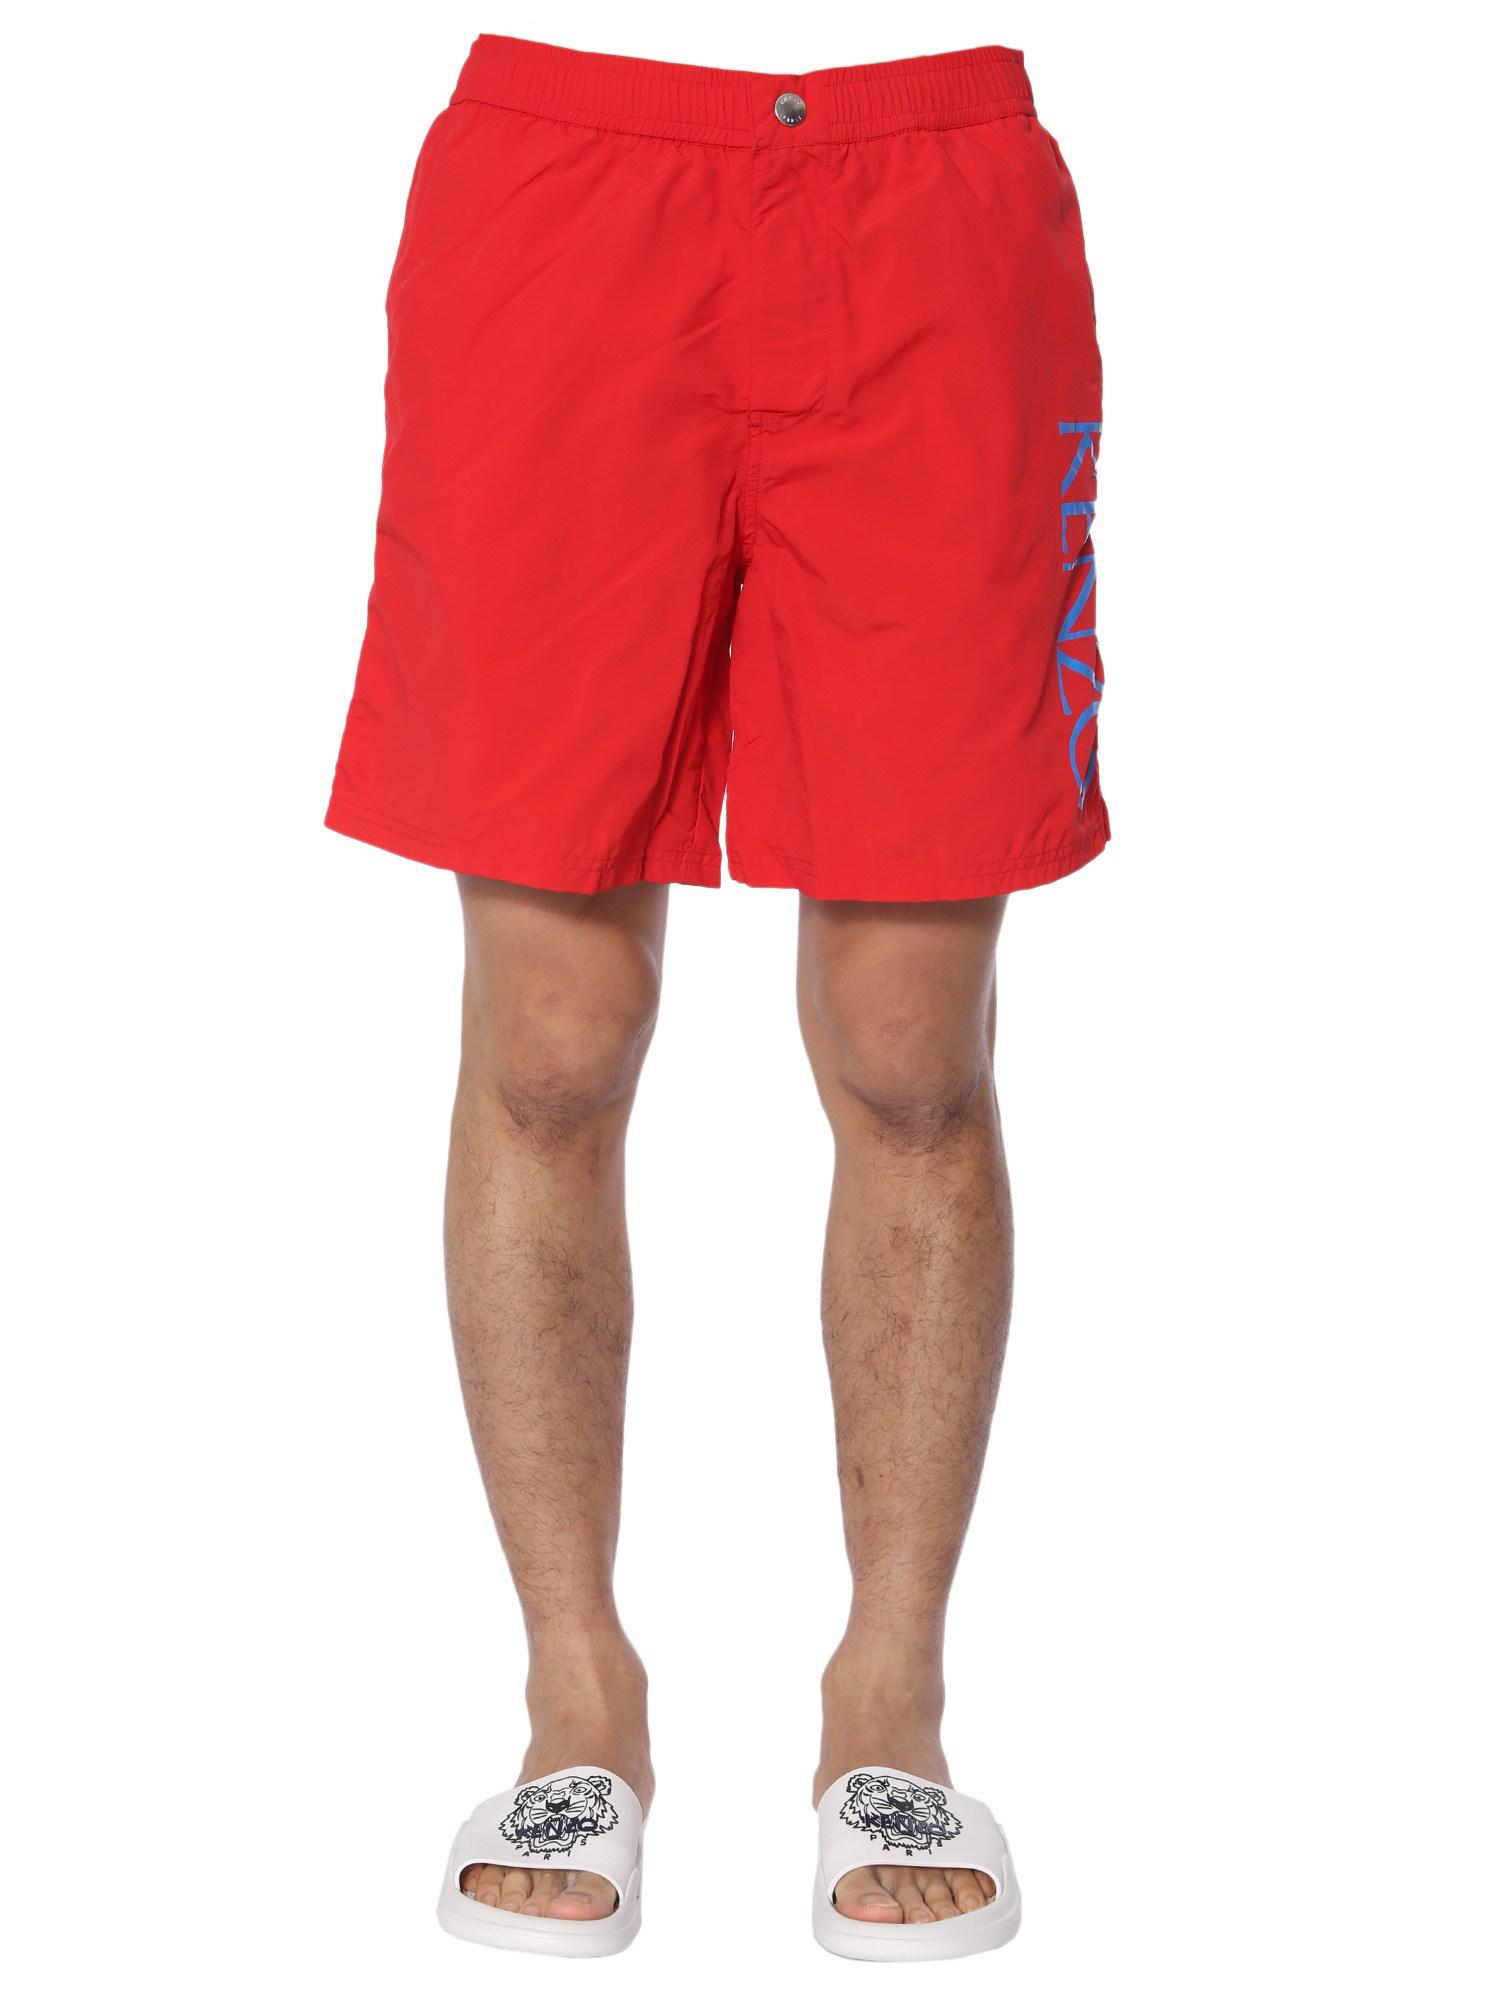 bc67f4031b Kenzo Swim Shorts In Red | ModeSens